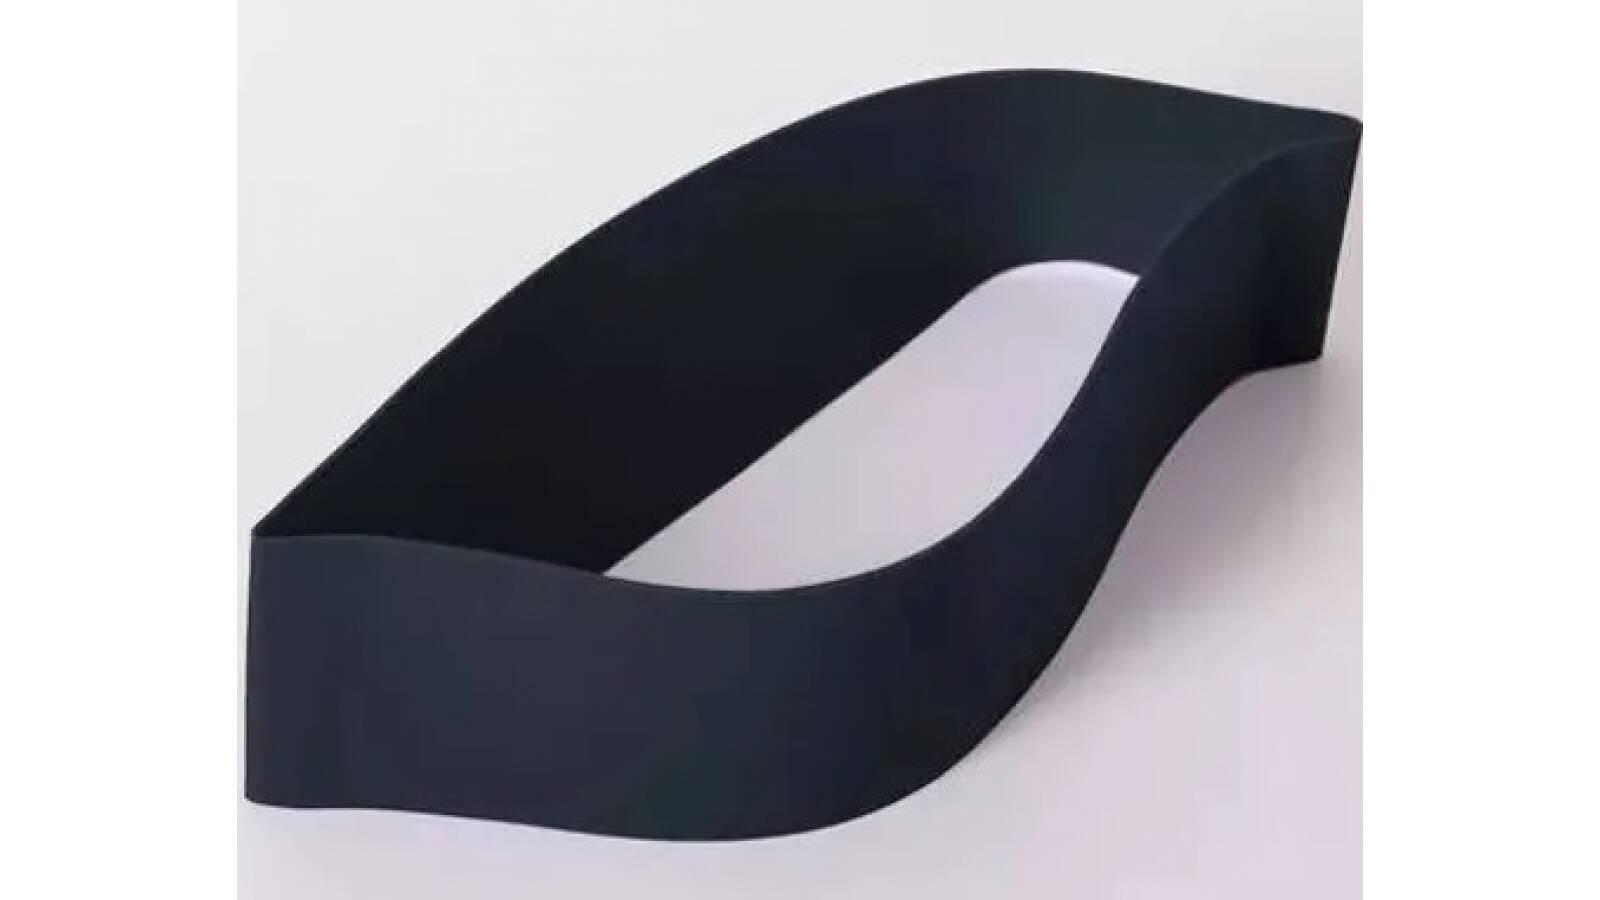 Banda Elastica Cerrada / Mini band circular int. alta NEGRA